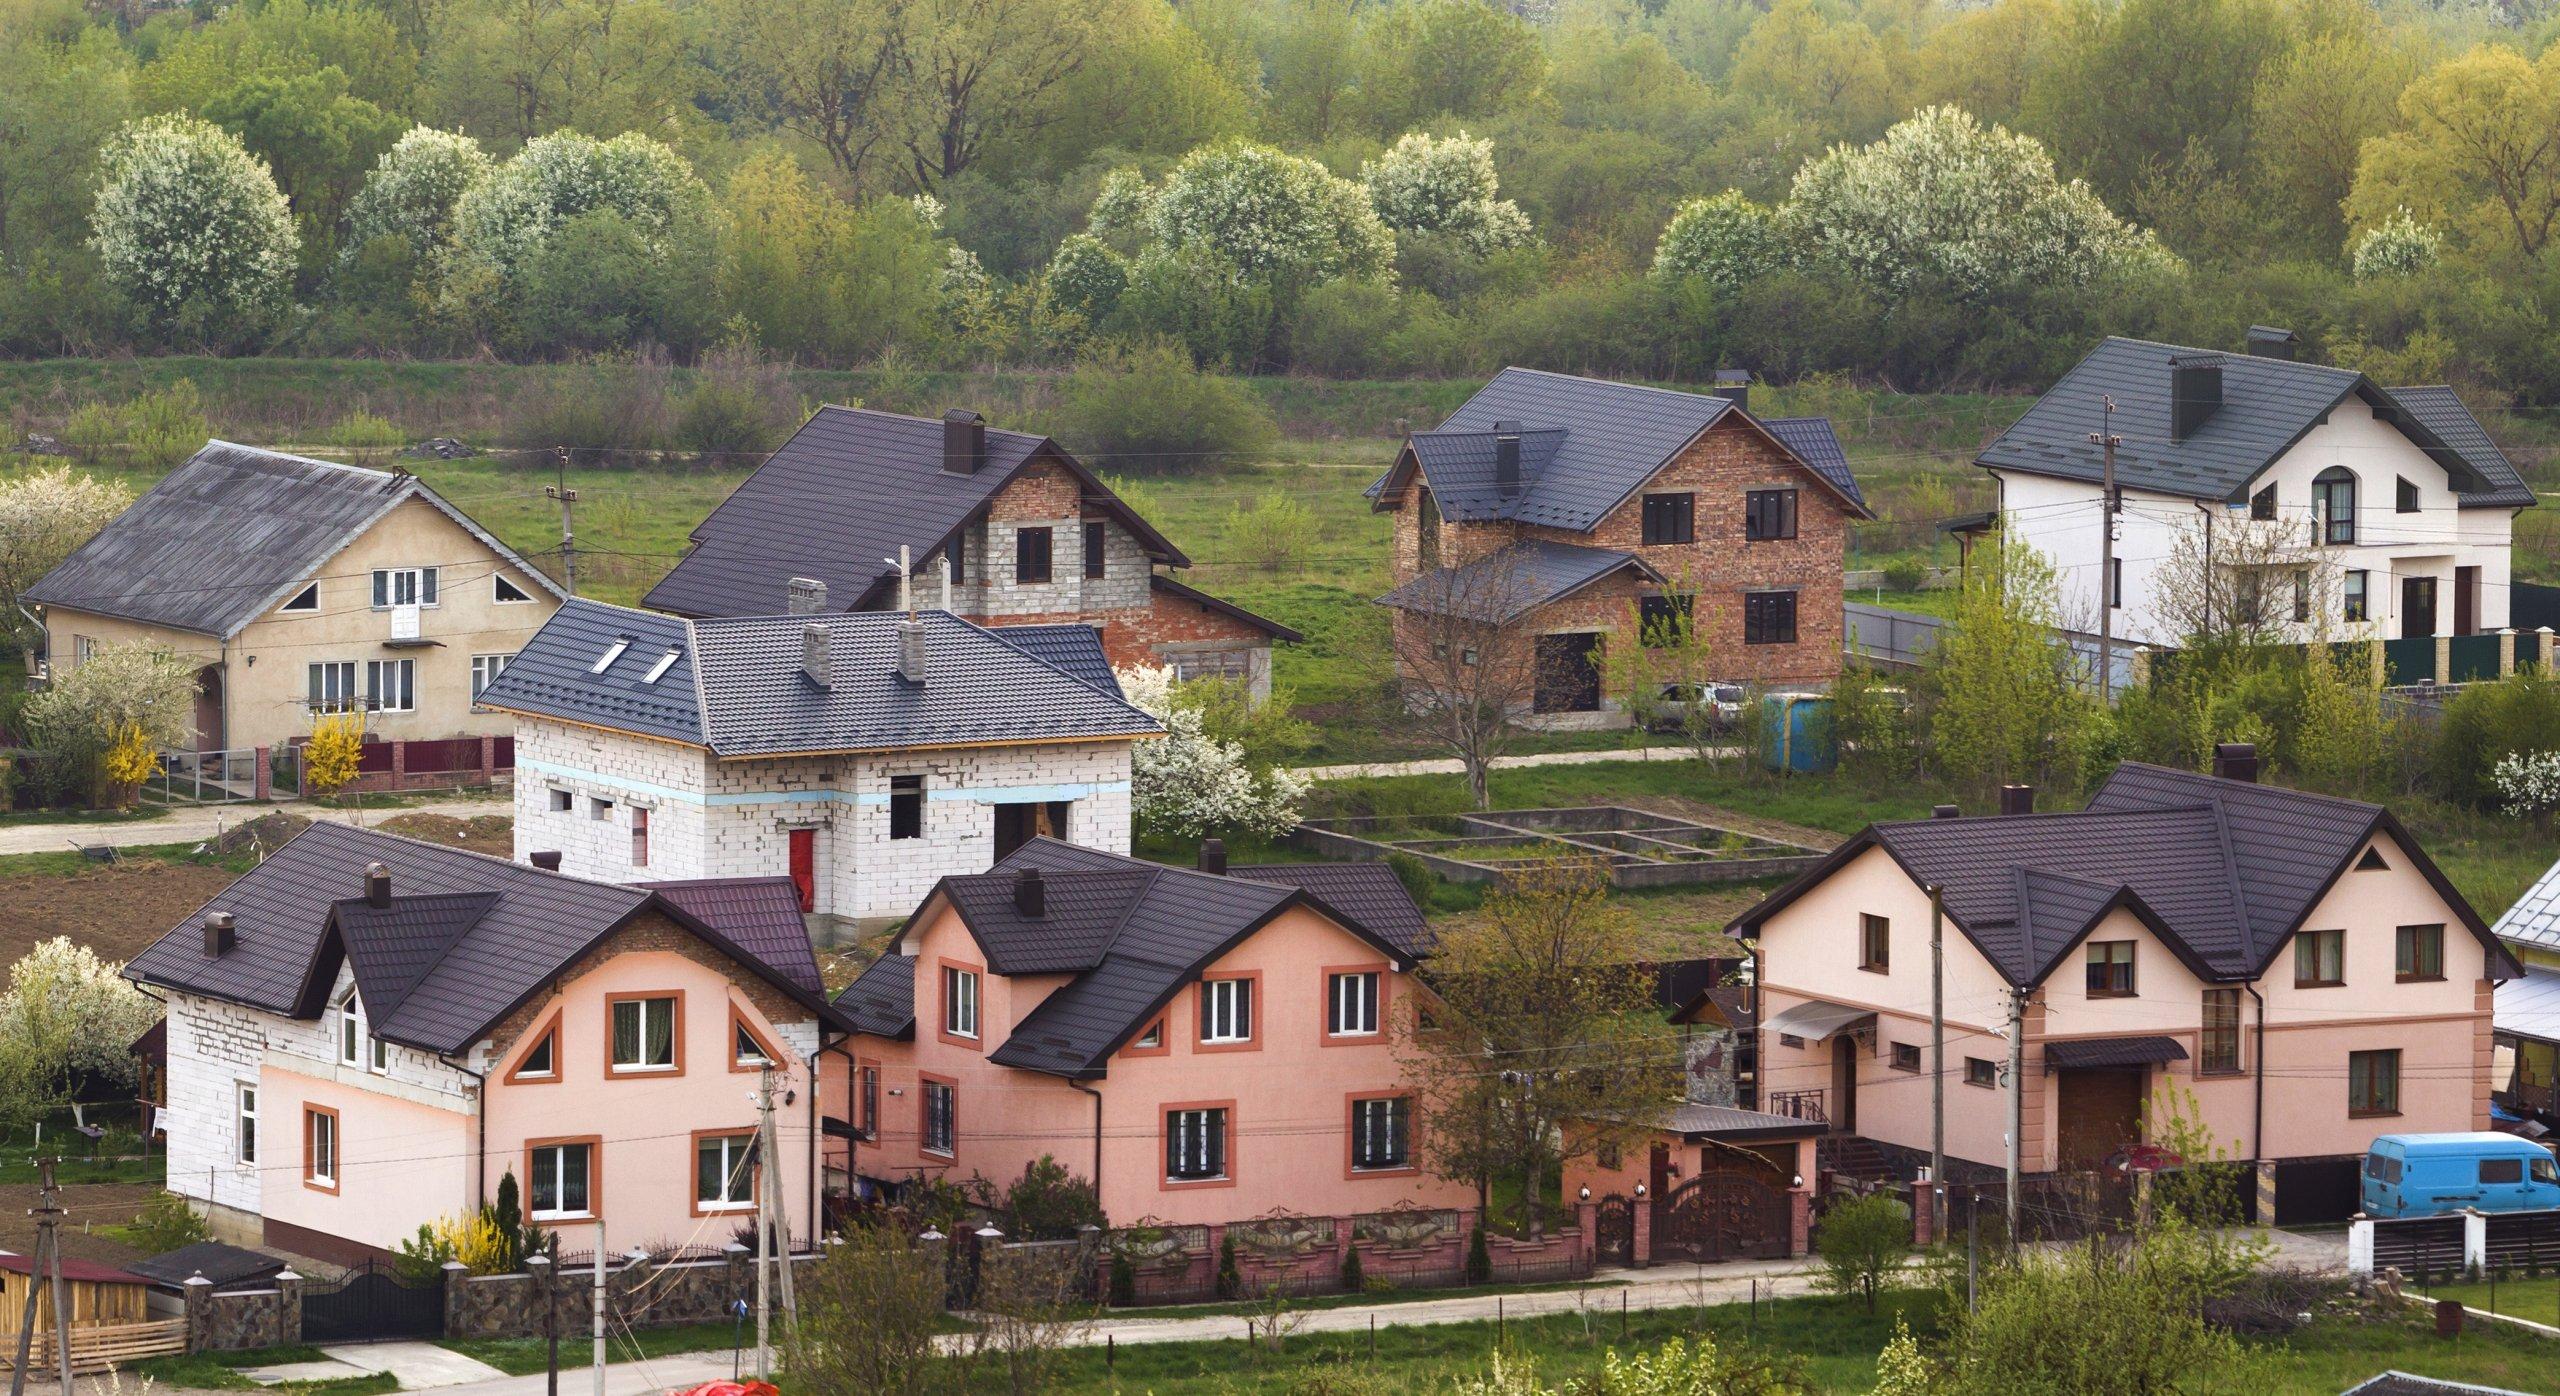 Modificación de elementos comunes. Imagen de un conjunto de casas en un pueblo